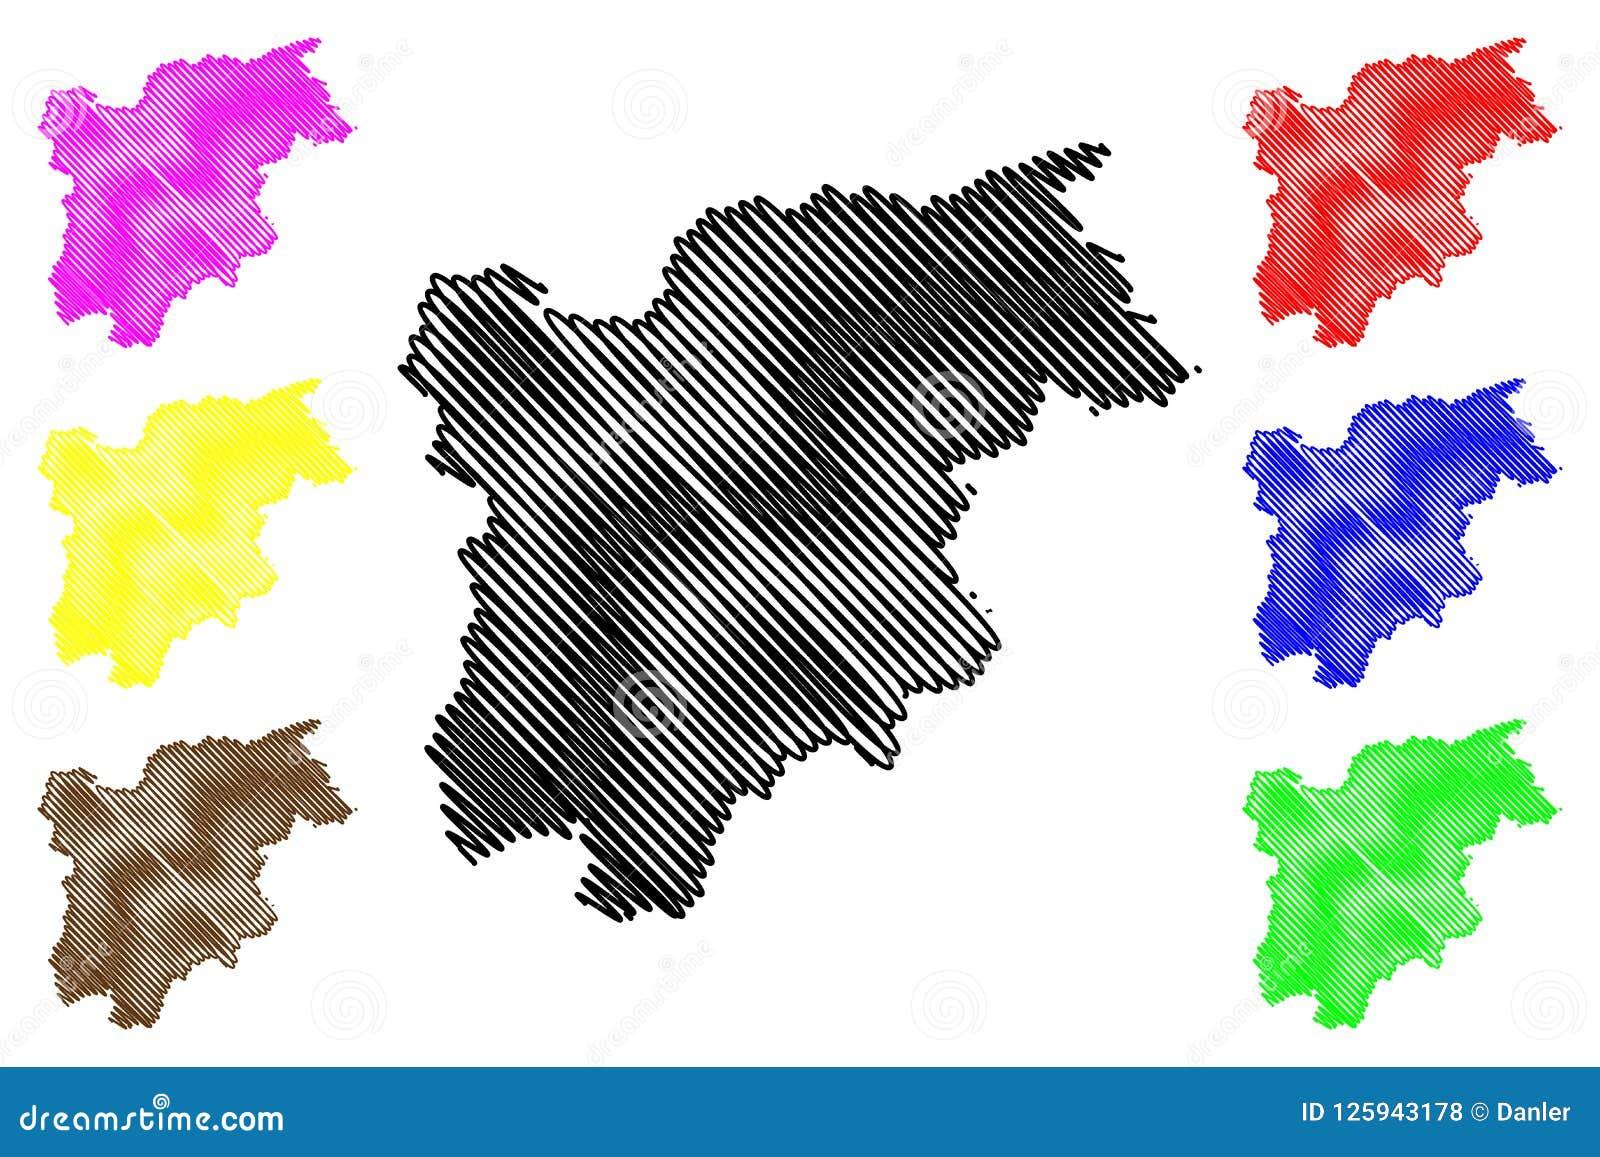 Cartina Italia Trentino Alto Adige.Vettore Della Mappa Di Sudtirol Di Trentino Alto Adige Illustrazione Vettoriale Illustrazione Di Italia Paese 125943178